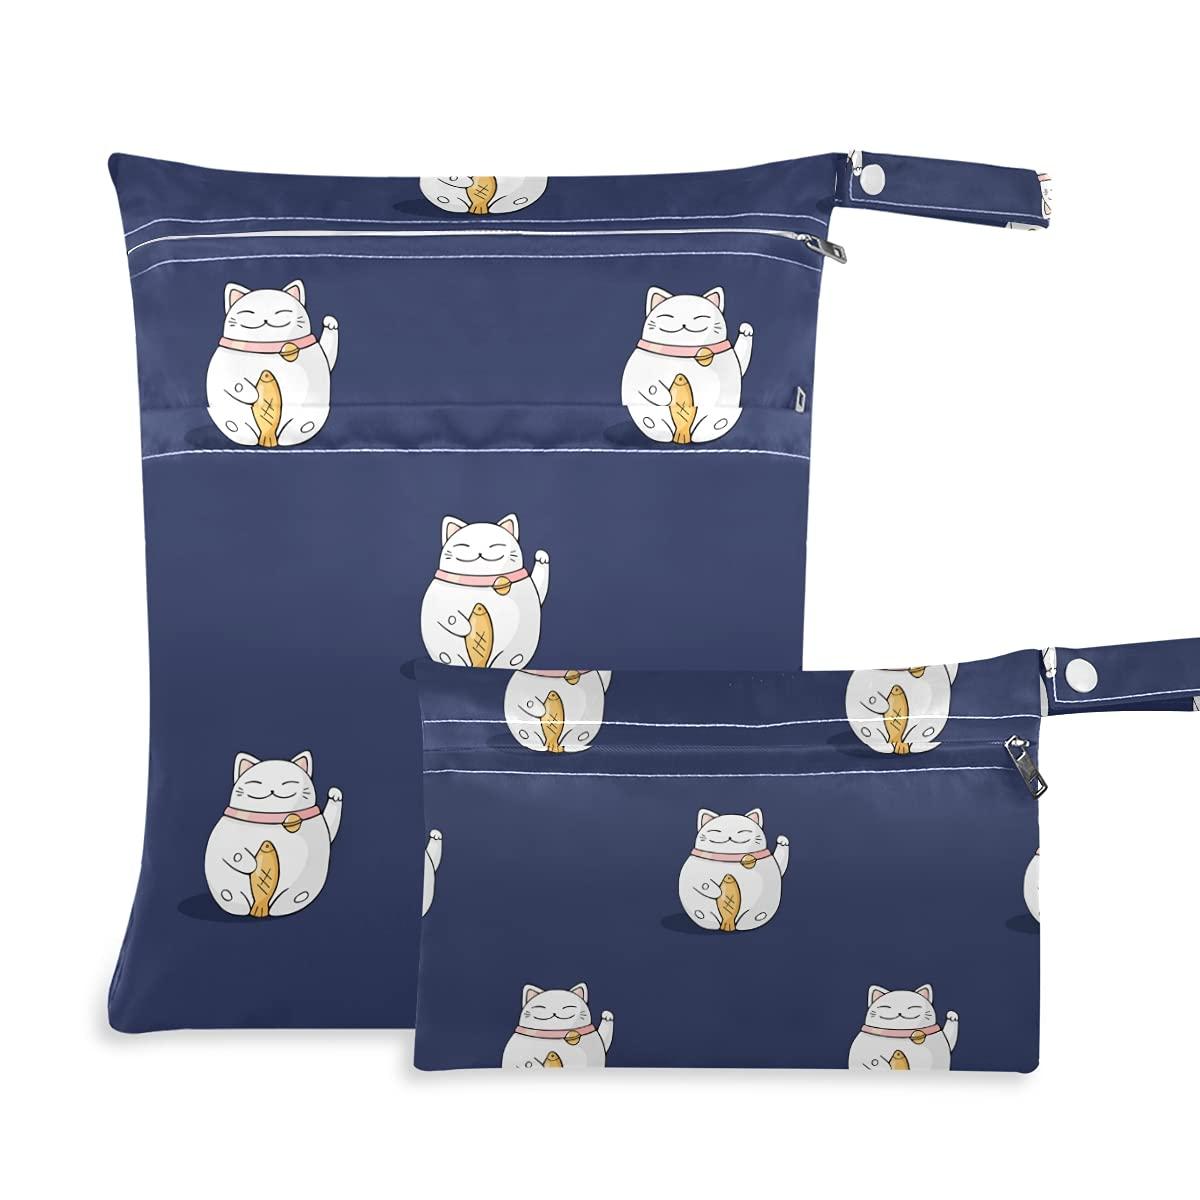 Maneki Super sale period Rapid rise limited Cat Cute Wet Dry Swimsuit Reusable Bag for Diaper